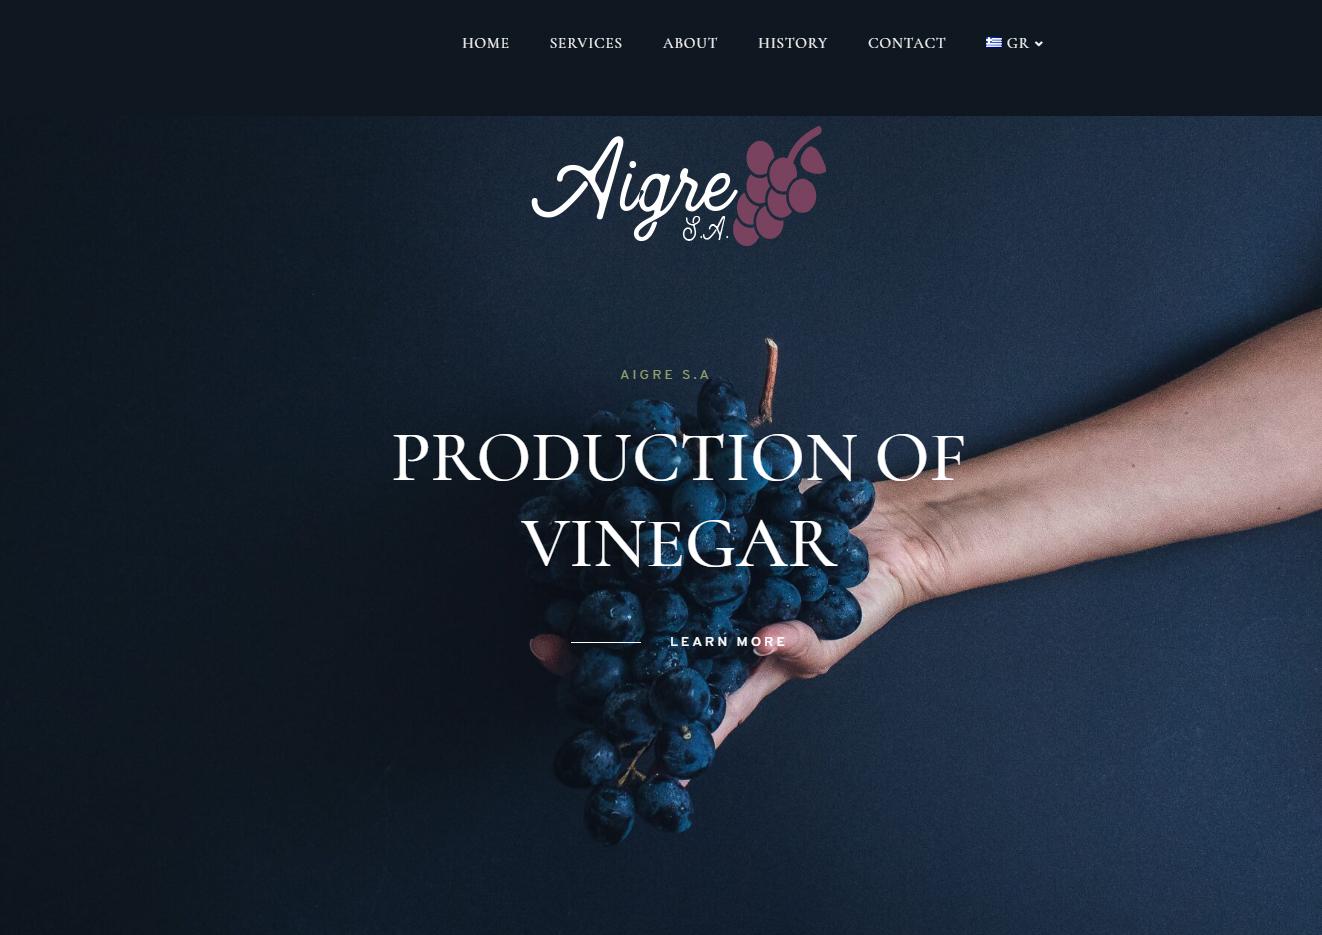 aigre-vinegar.gr